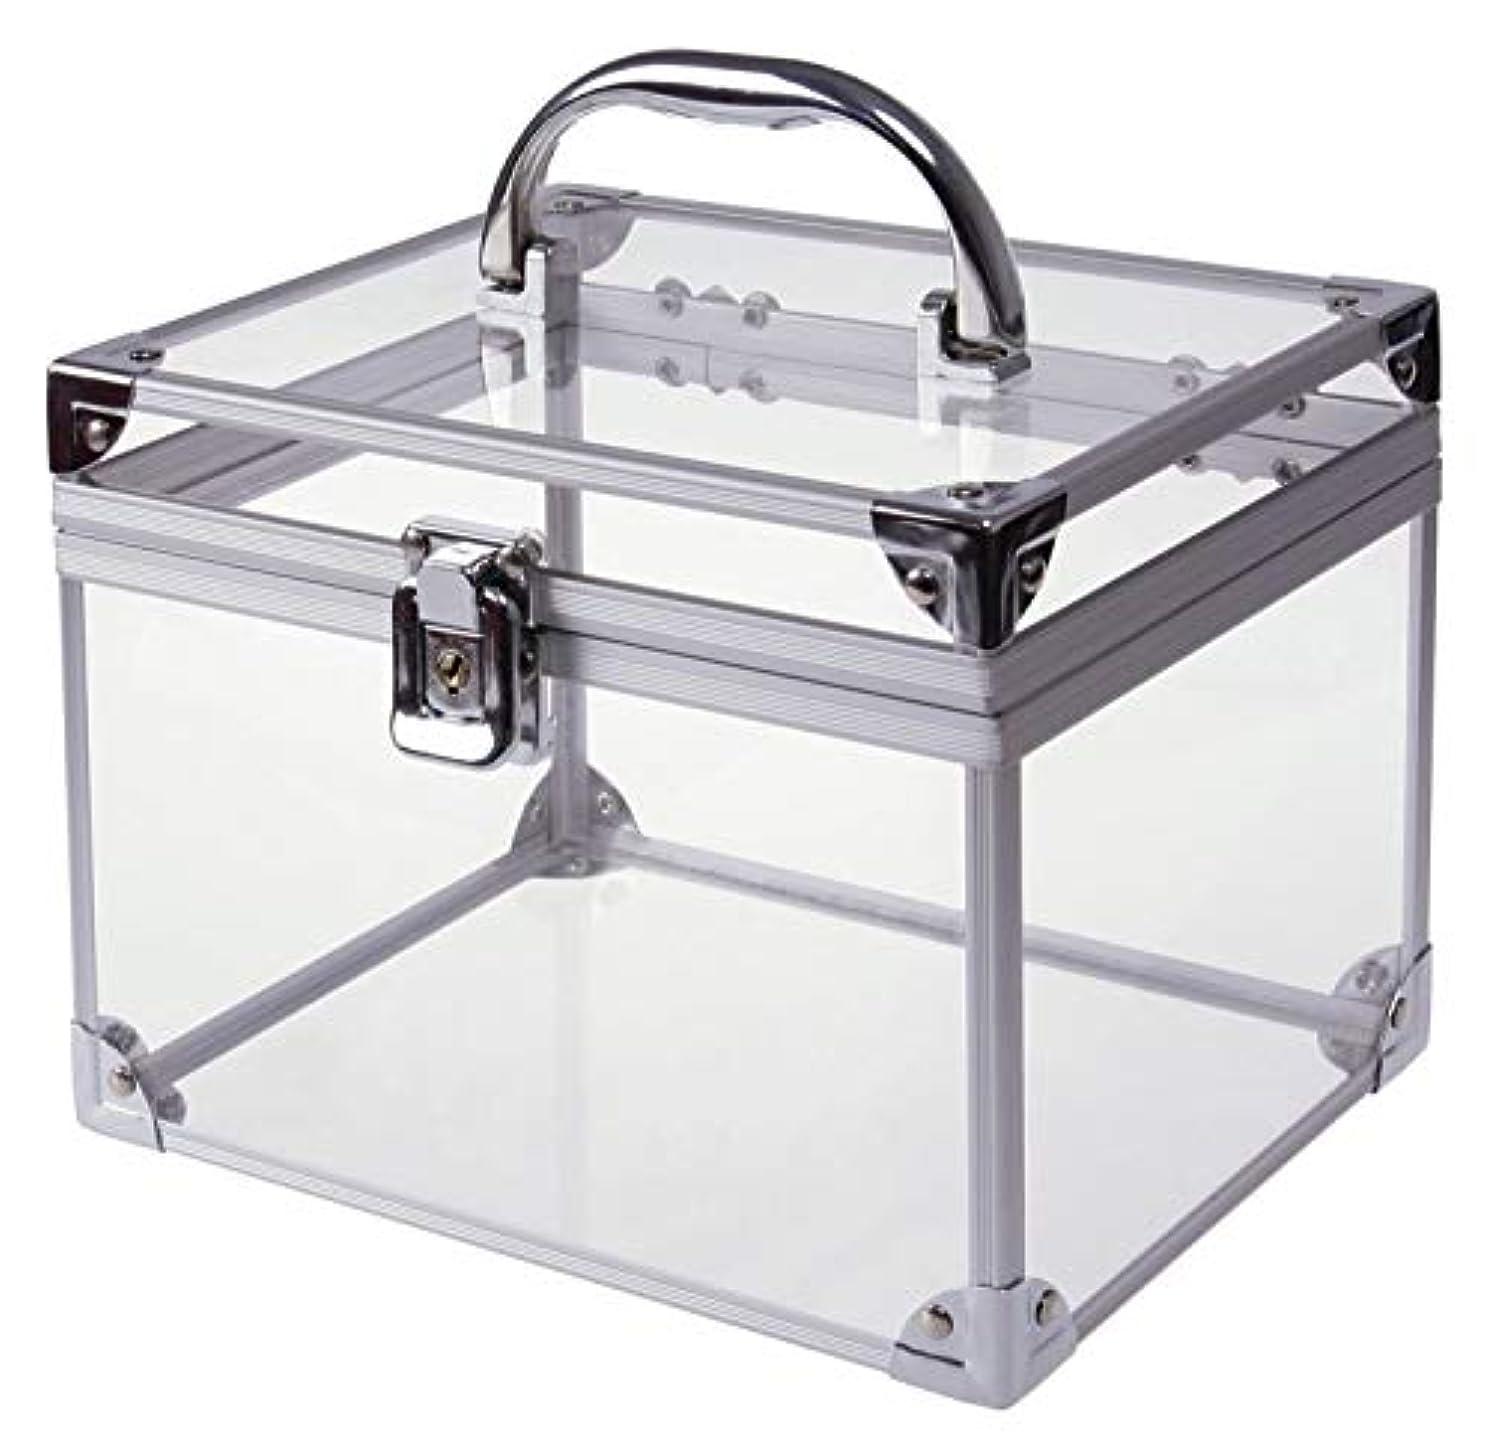 アミューズ水曜日見る[moonfarm] アクリル製 透明 工具箱 小型 ツール ケース パーツ ボックス 作業 道具 用具 入れ メイクボックス クリア スケルトン モデル (段なしタイプ)